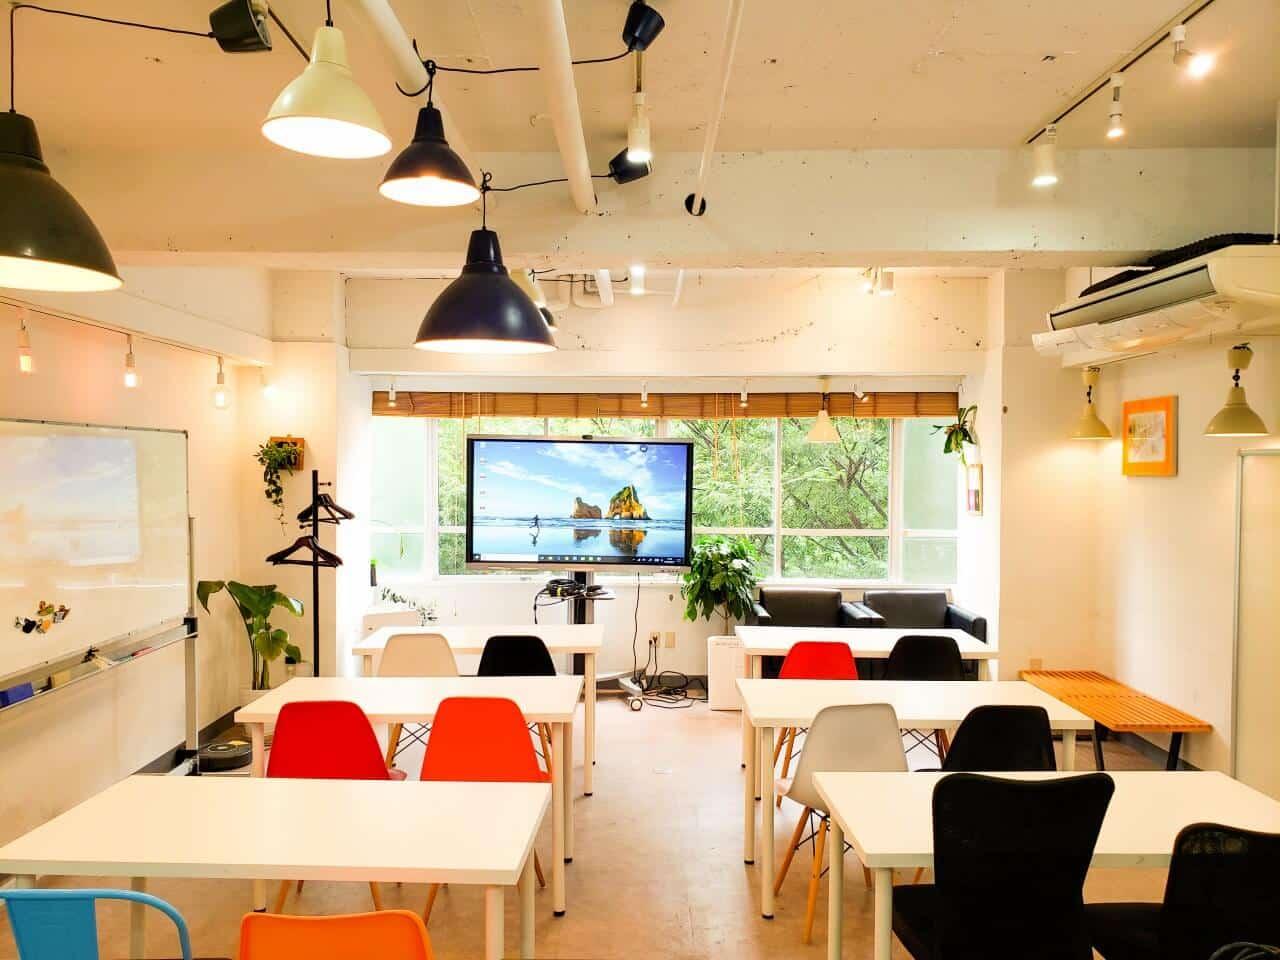 スケルトンオフィスで大手企業はなぜ会議するのか?